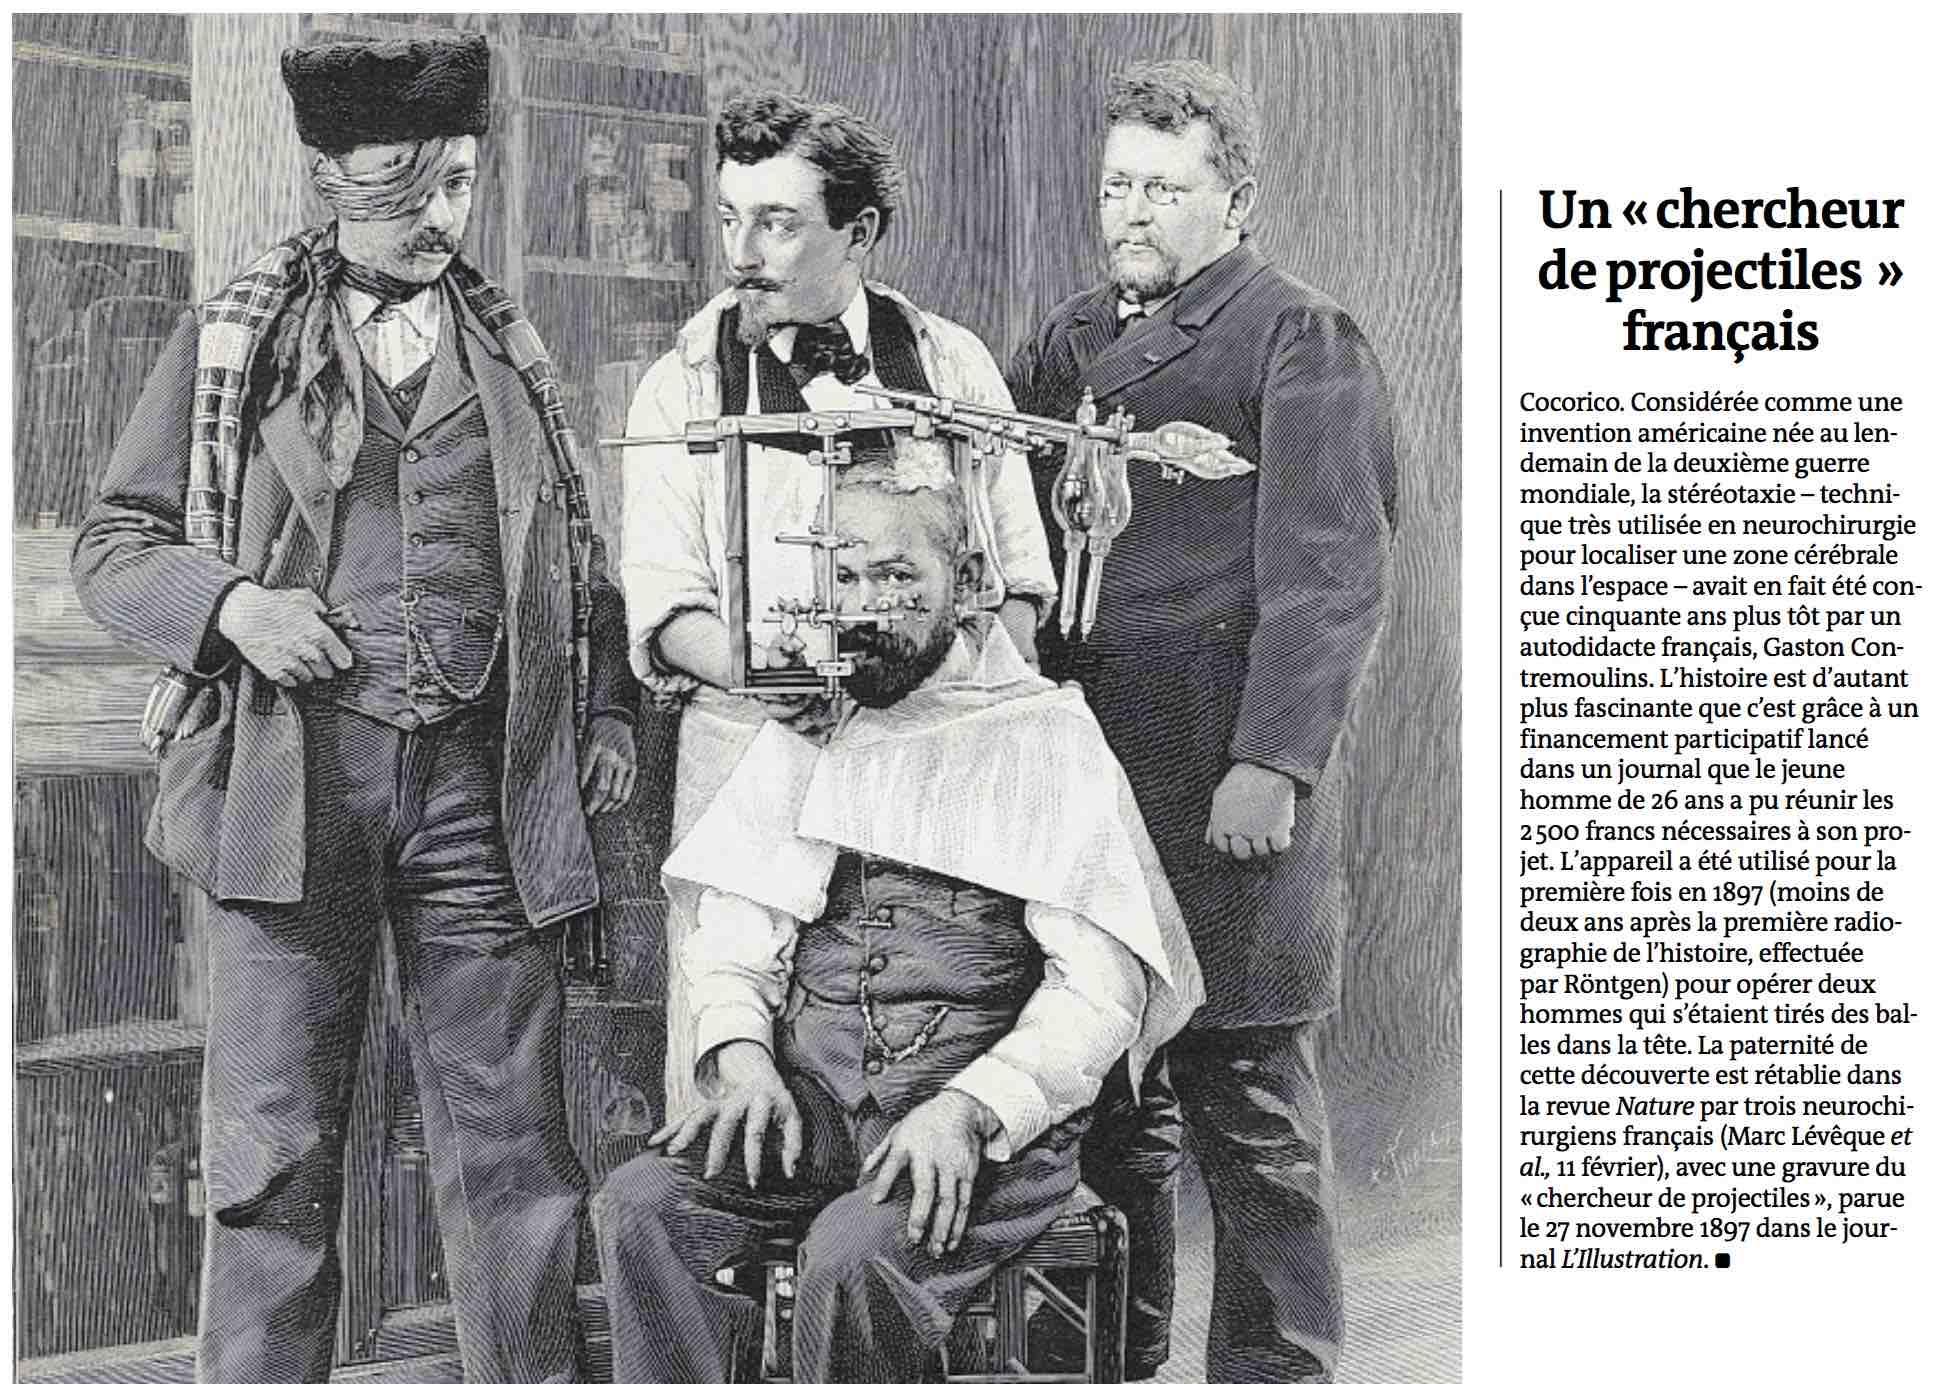 """Le Monde - Un """"chercheur de projectile"""" français - 24/02/16"""